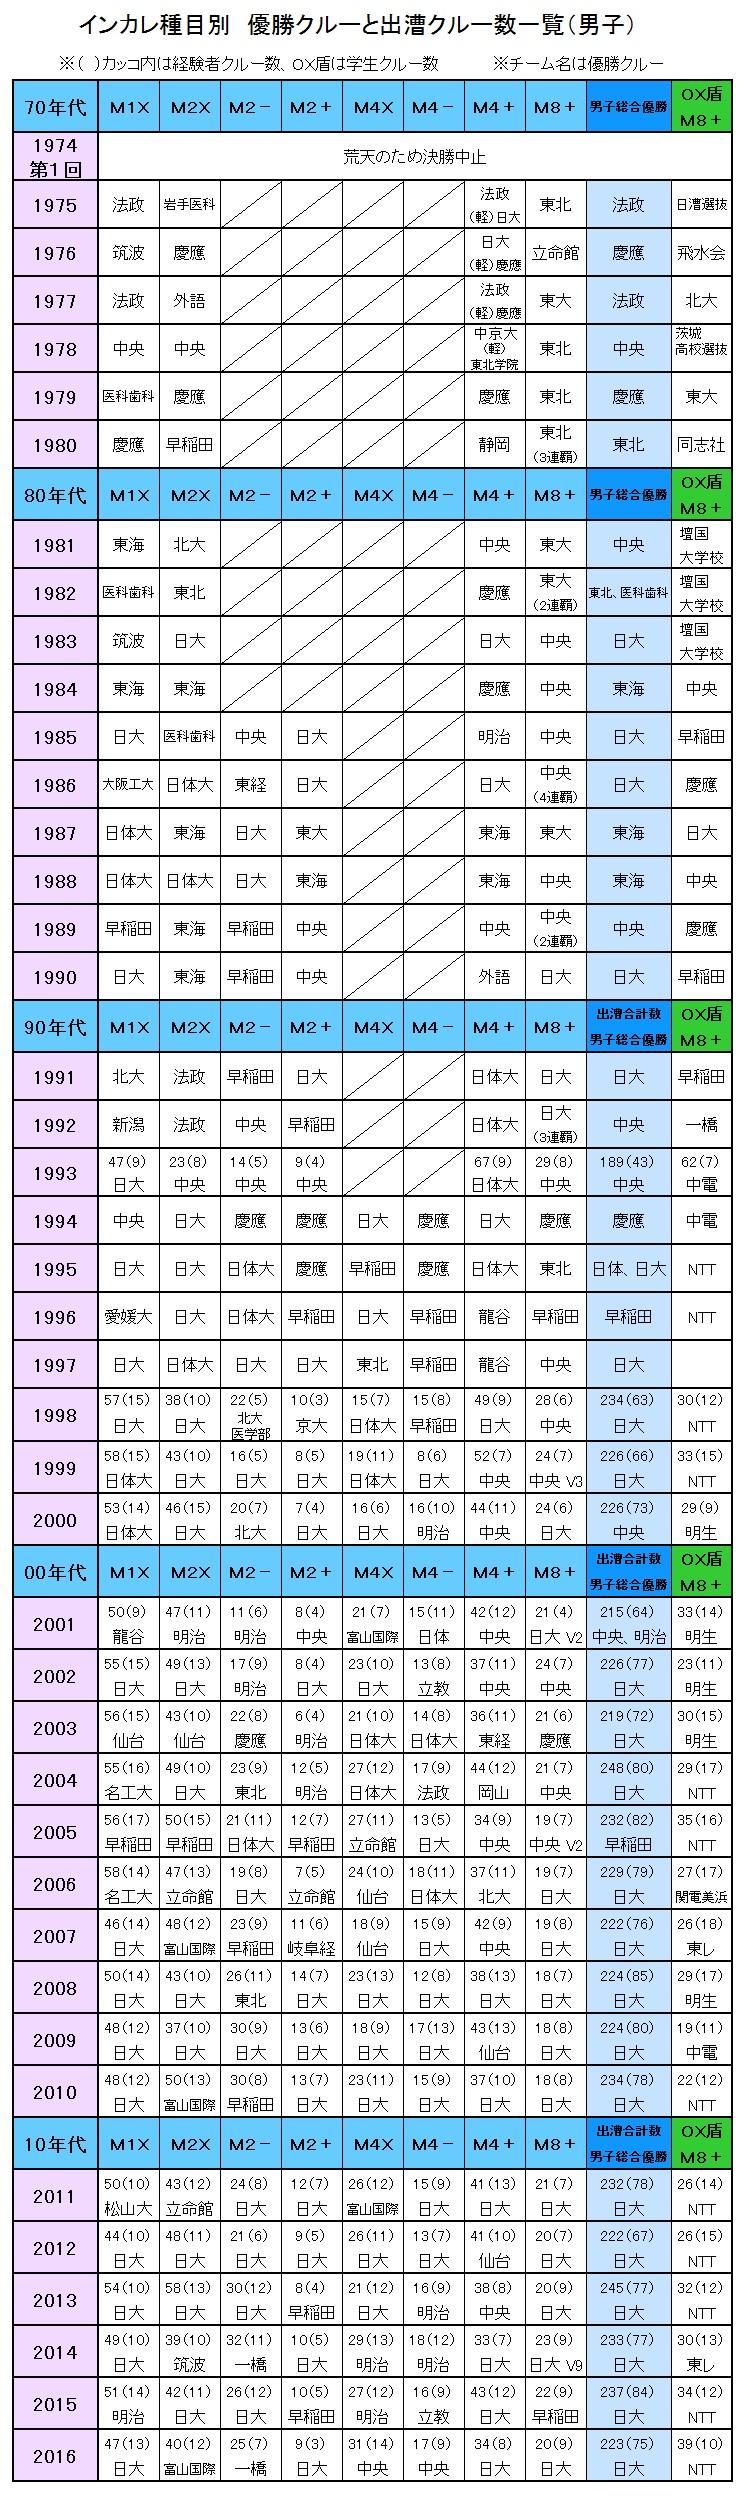 2017インカレ種目別 男子優勝クルー一覧表